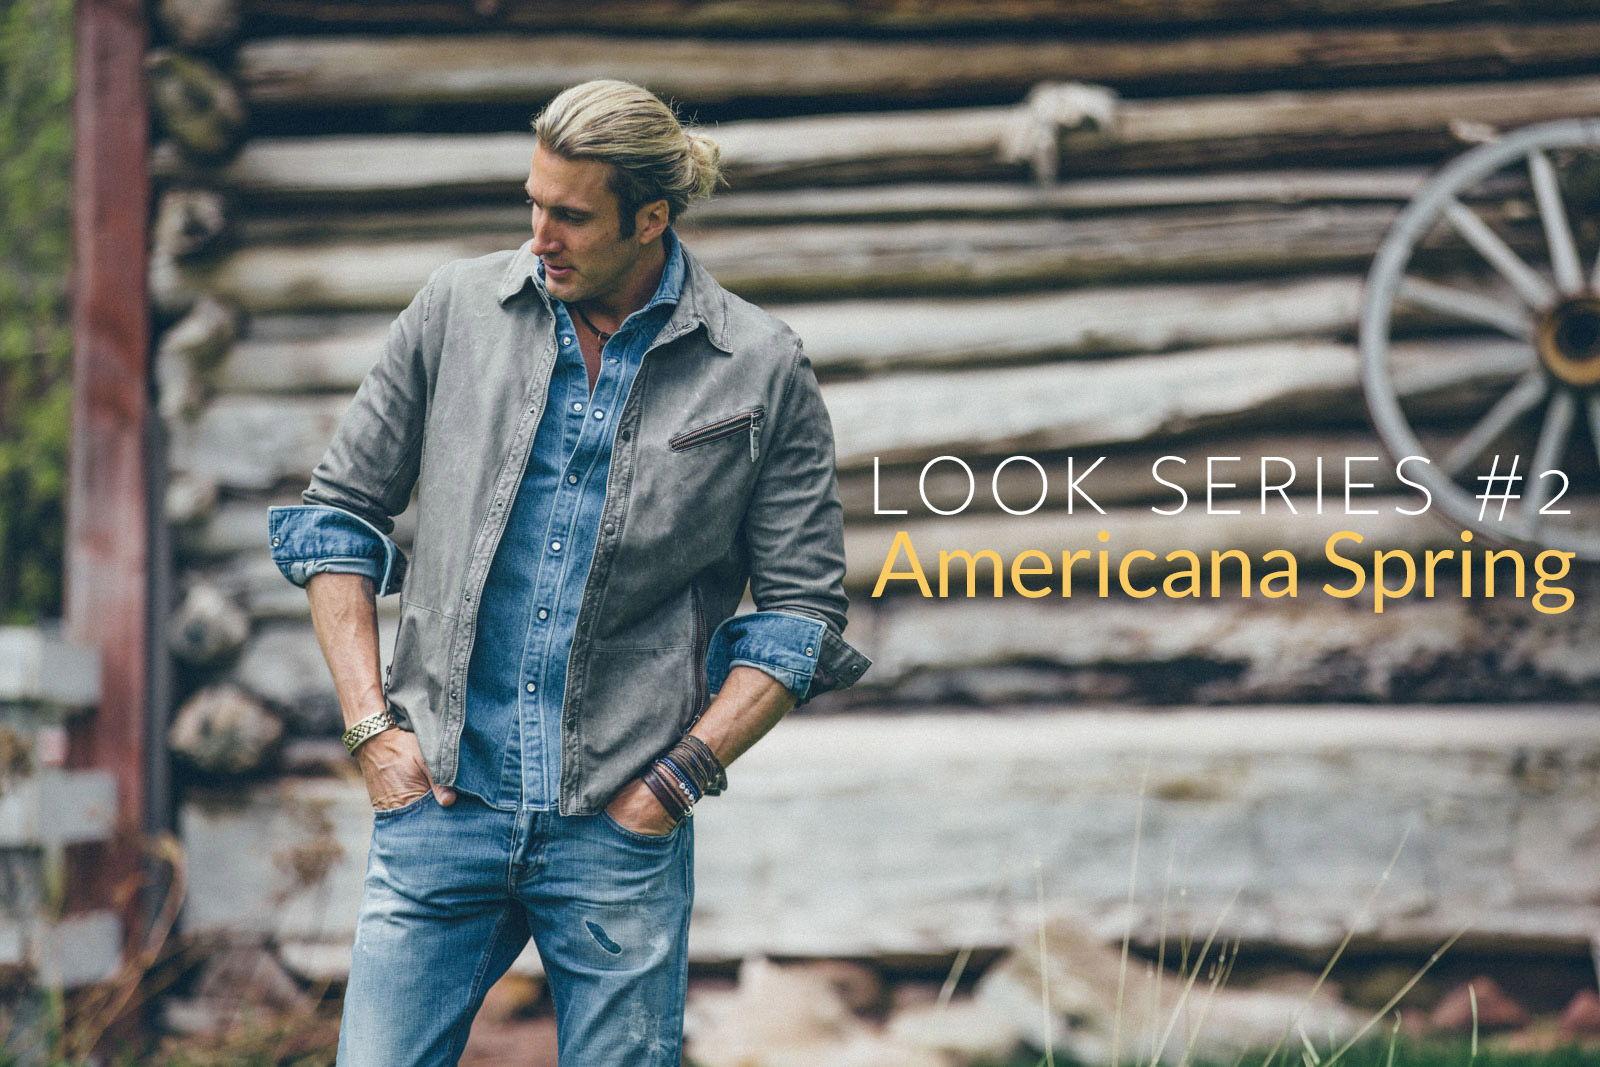 Look Series #2: American Spring